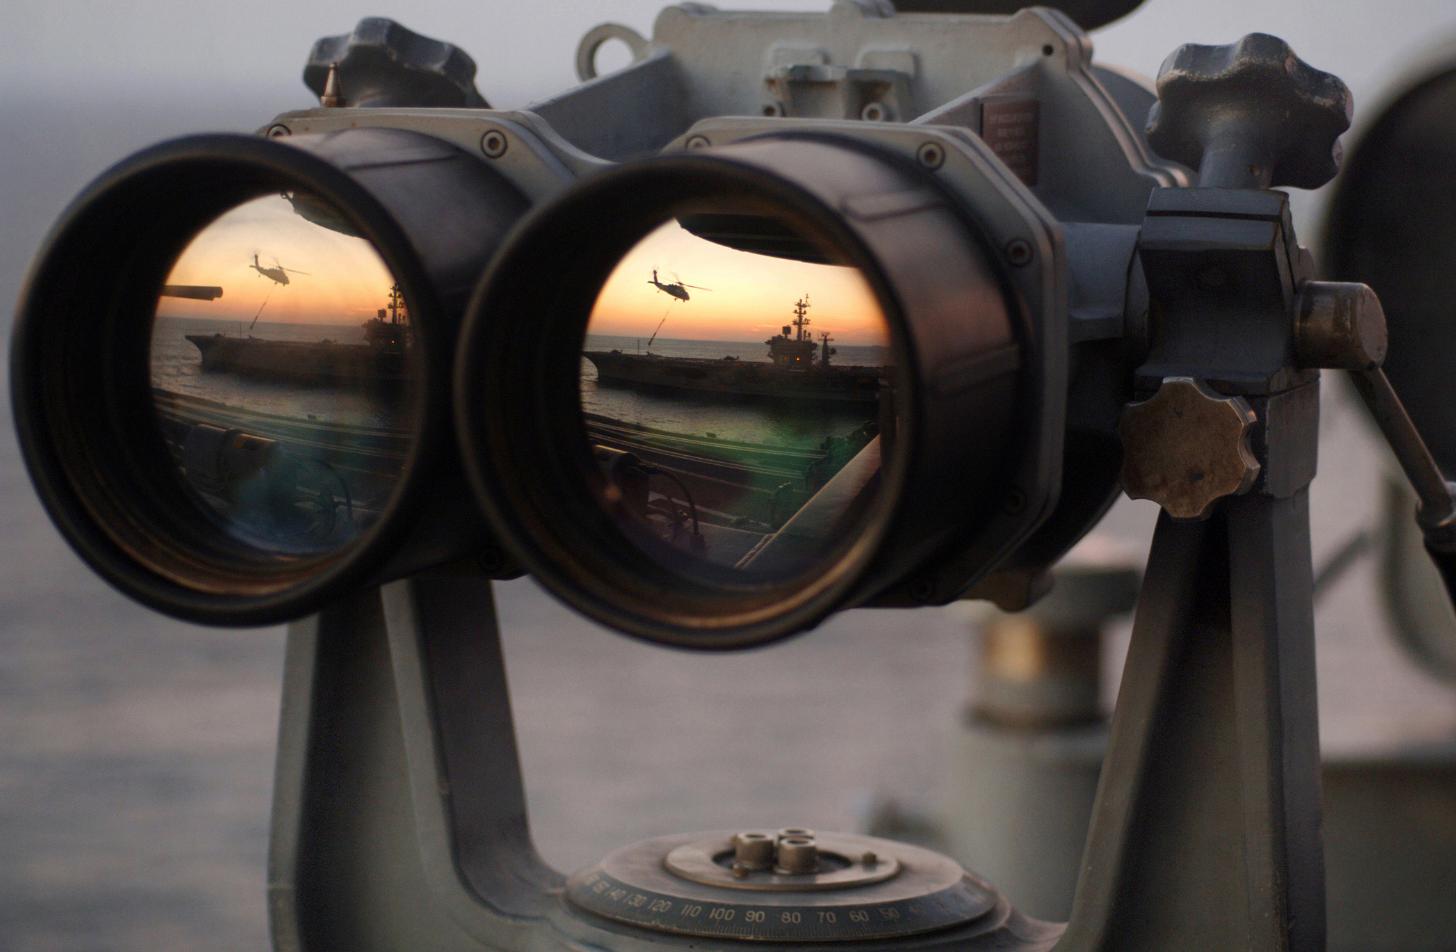 как организовать бизнес по установке стационарного телескопа